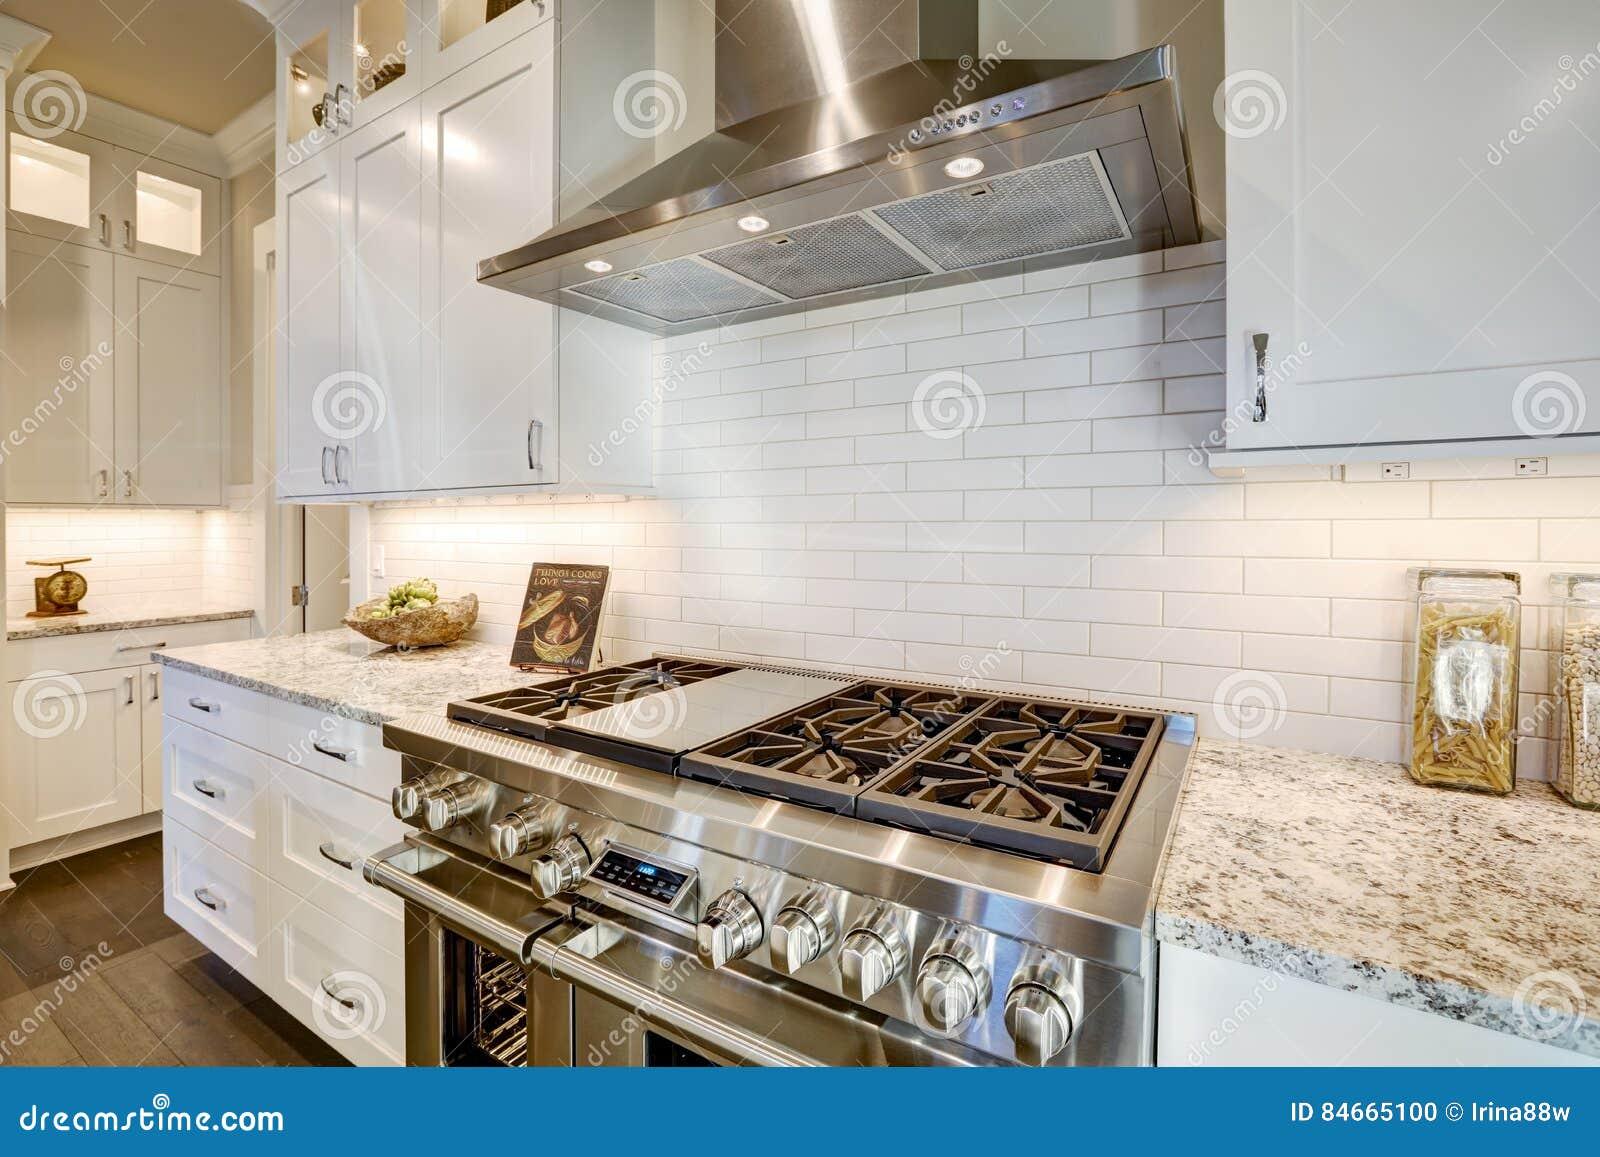 La belle cuisine comporte un recoin rempli de fourneau en acier